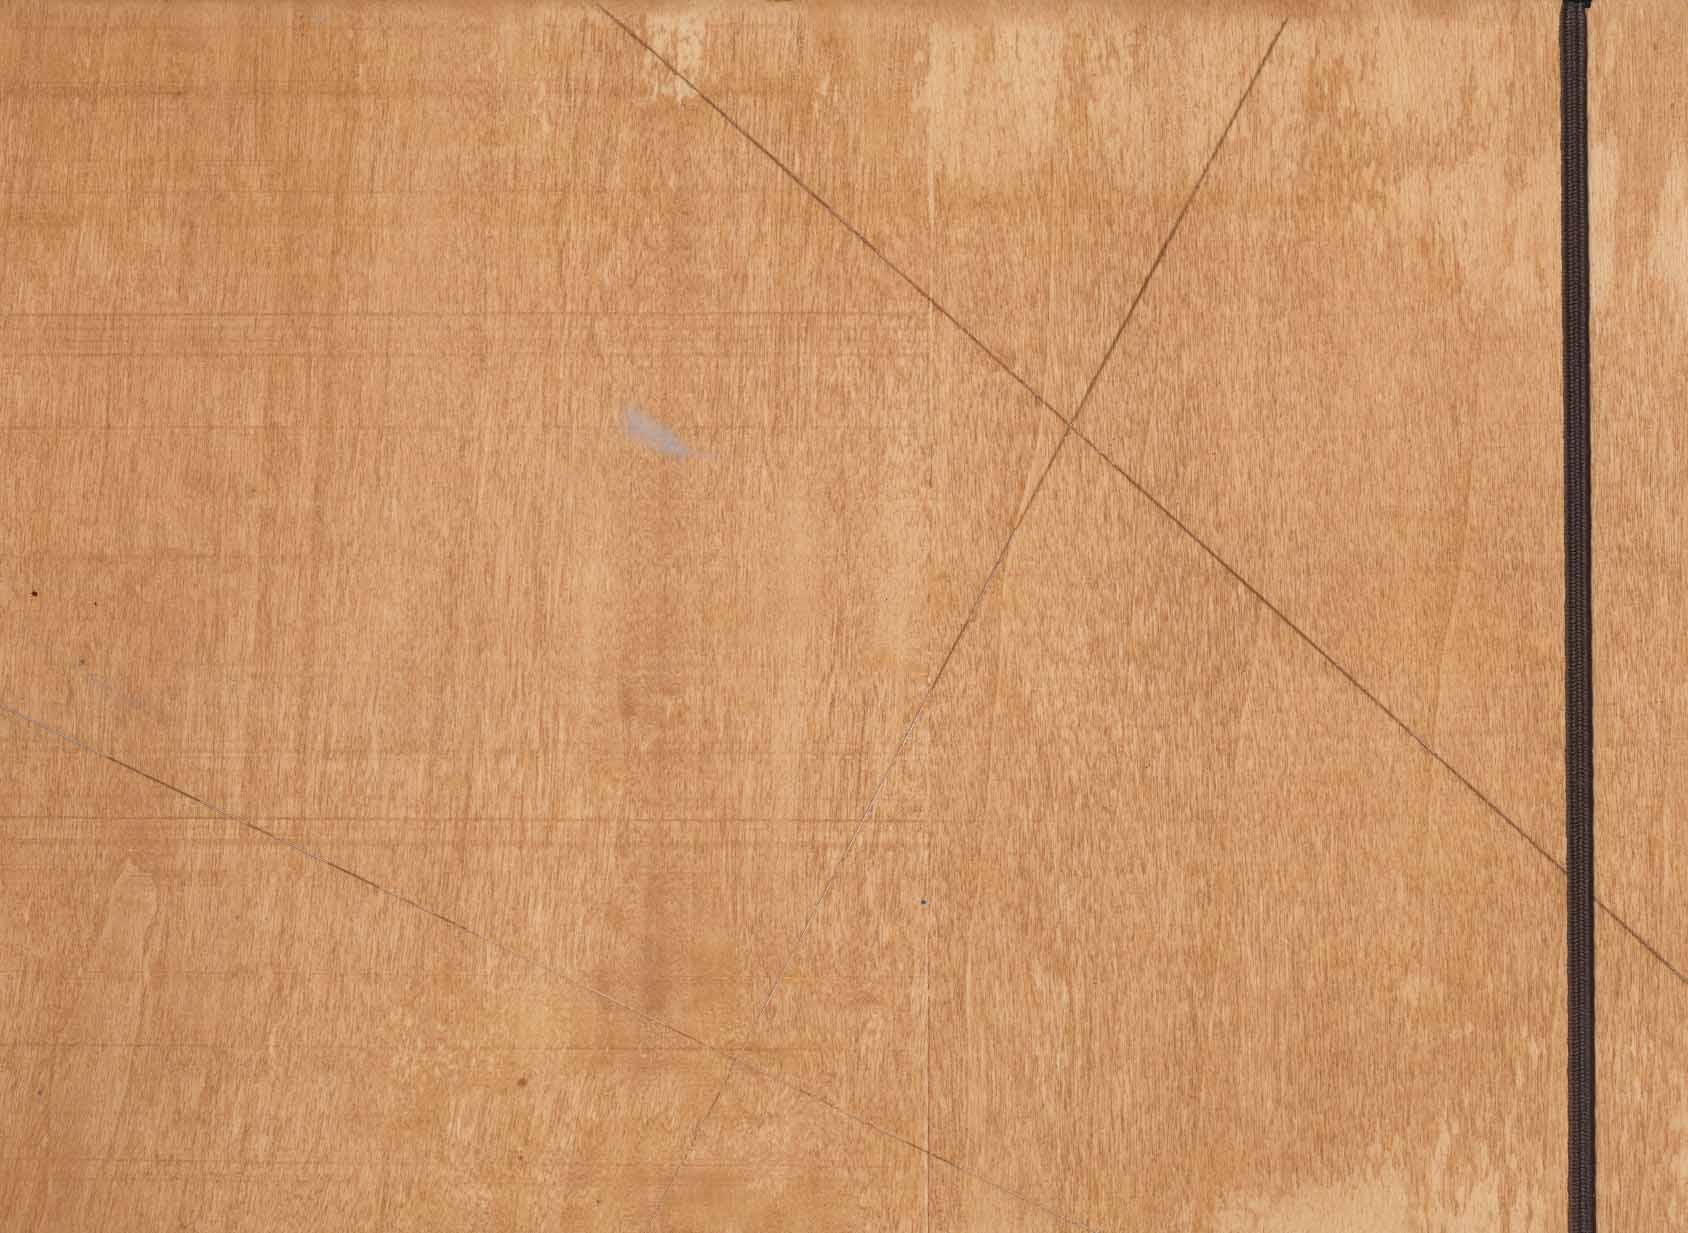 دفتر یادداشت بی خط چوبی (ماهگونی)،(کشدار)